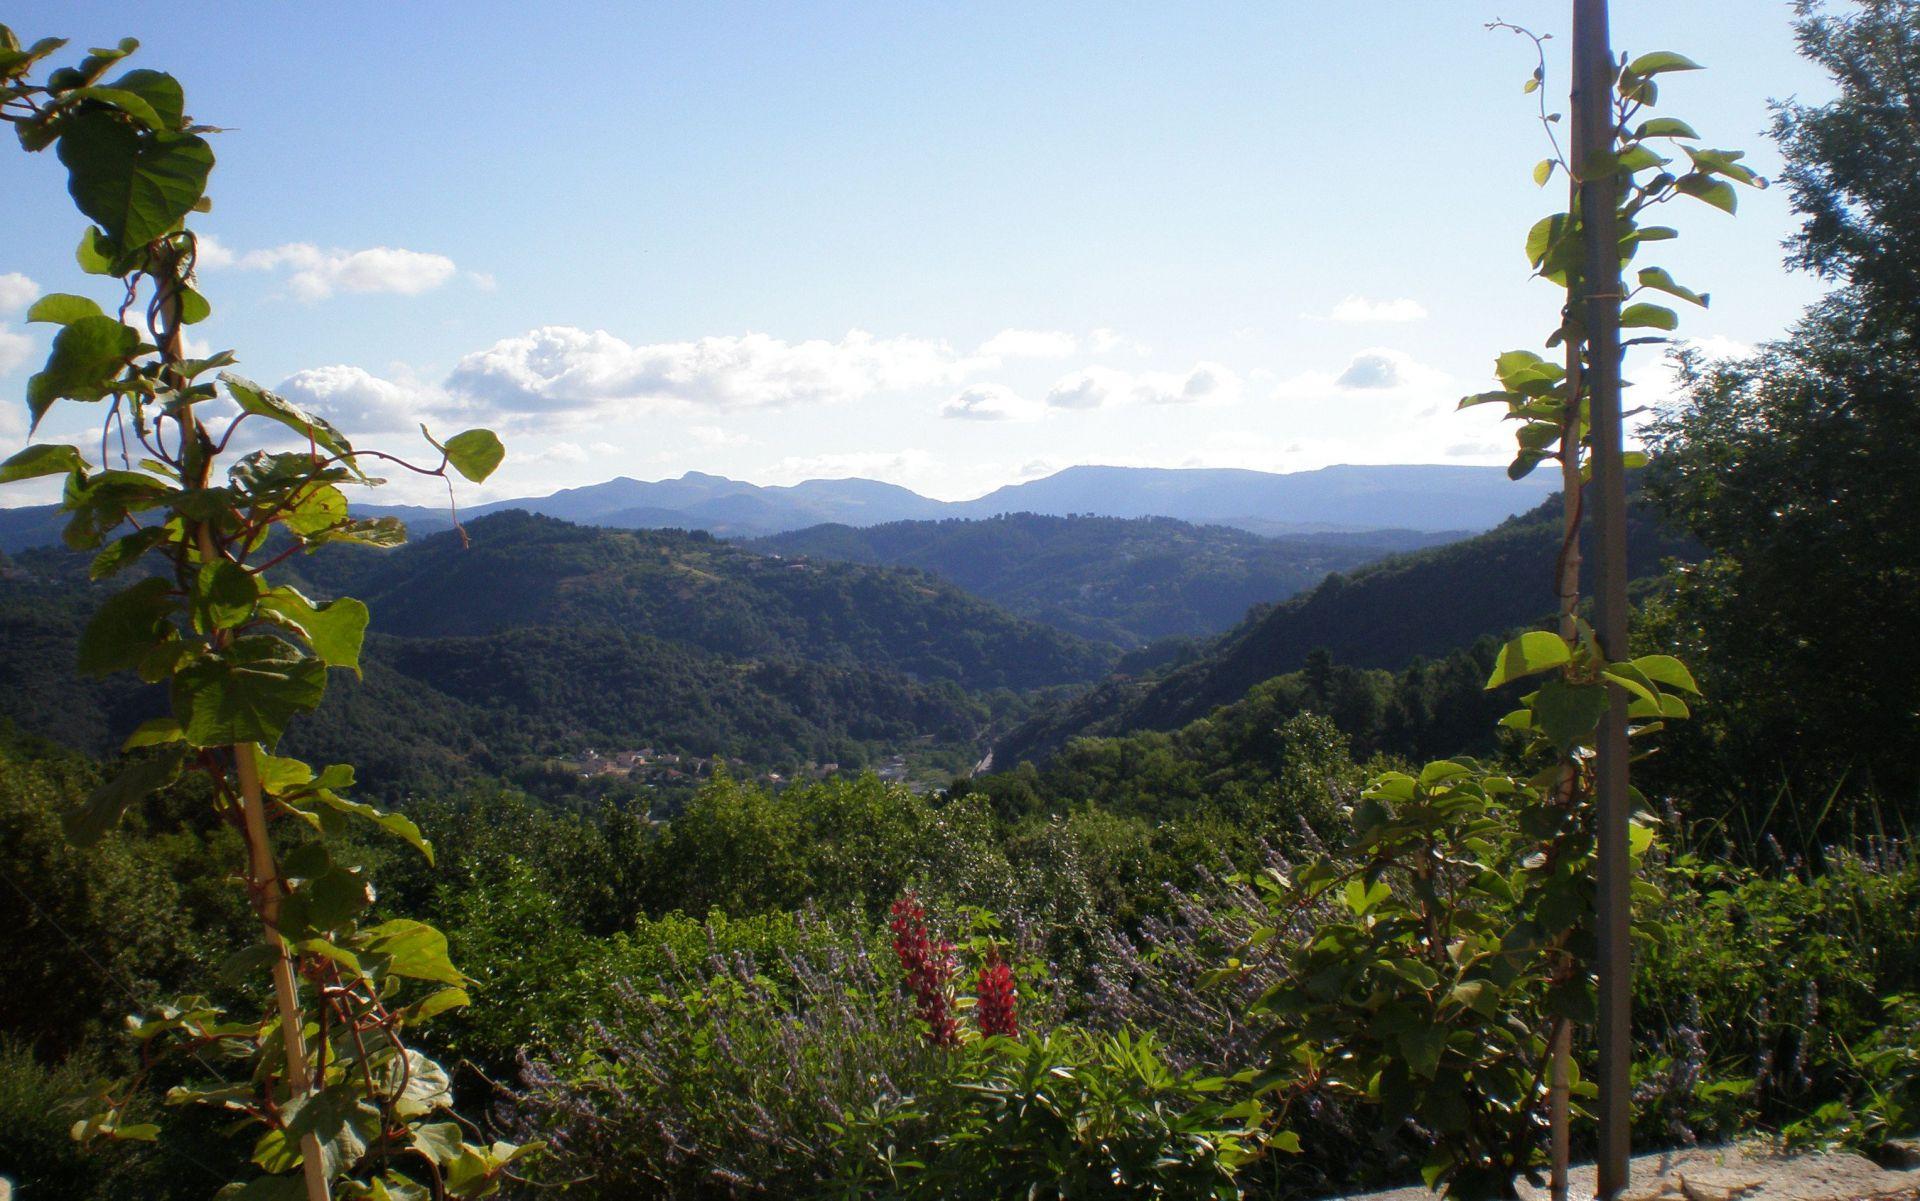 GITE bonjour & bienvenue - Gite Ardèche 5/11pers